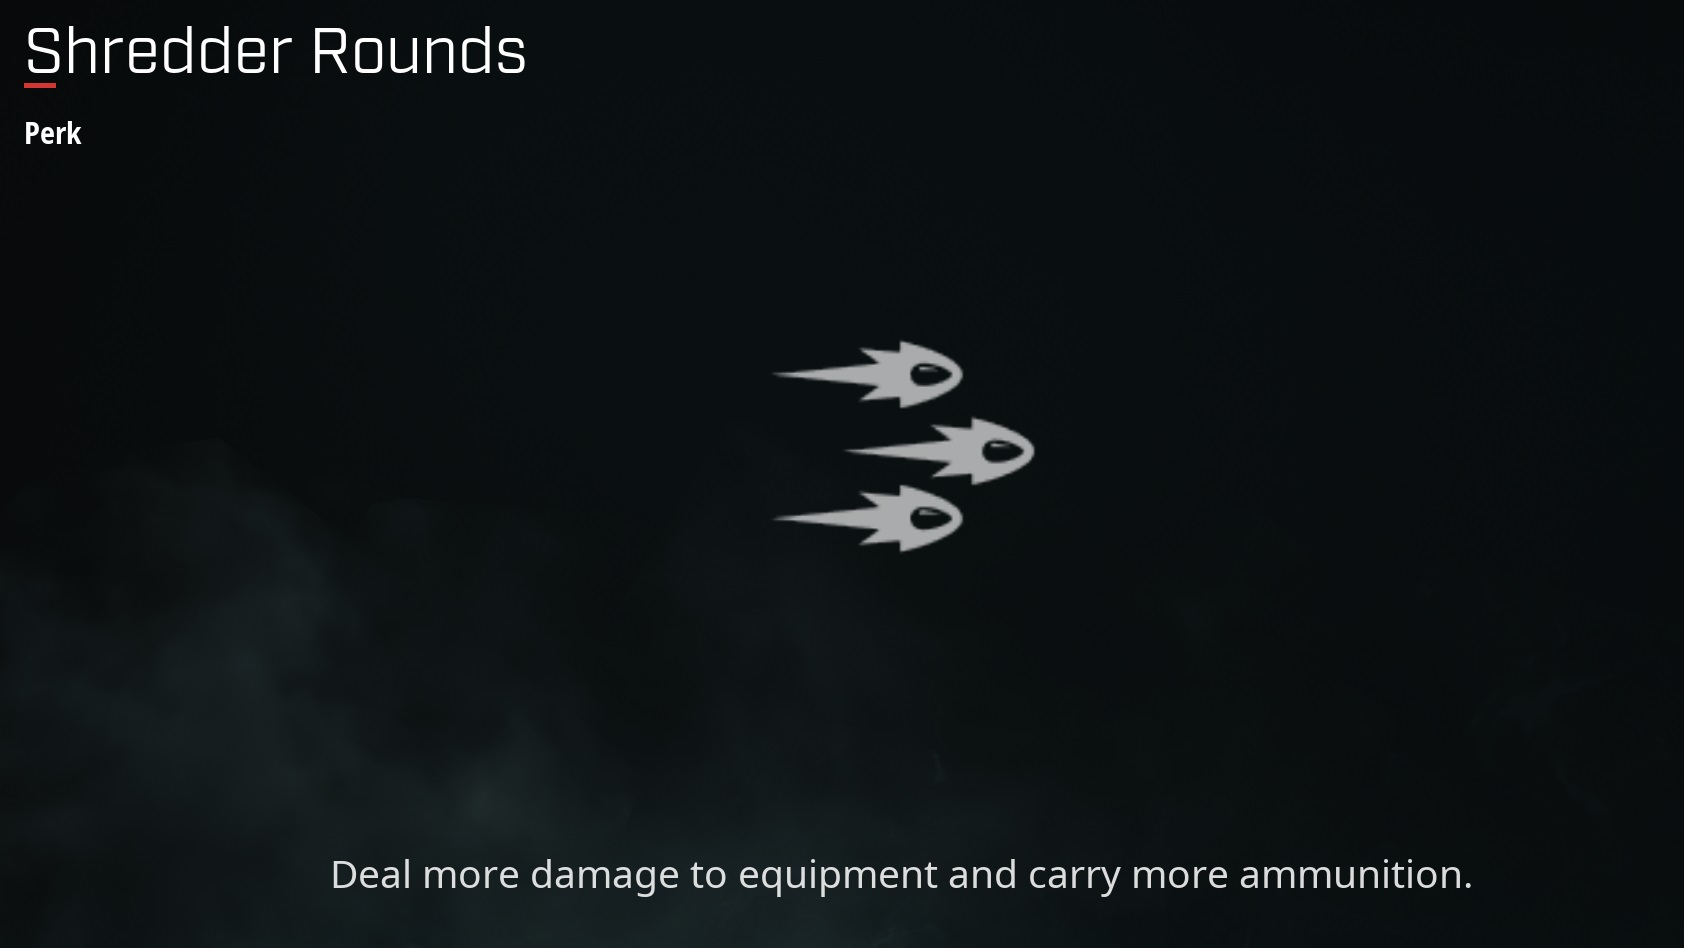 Shredder Rounds perk